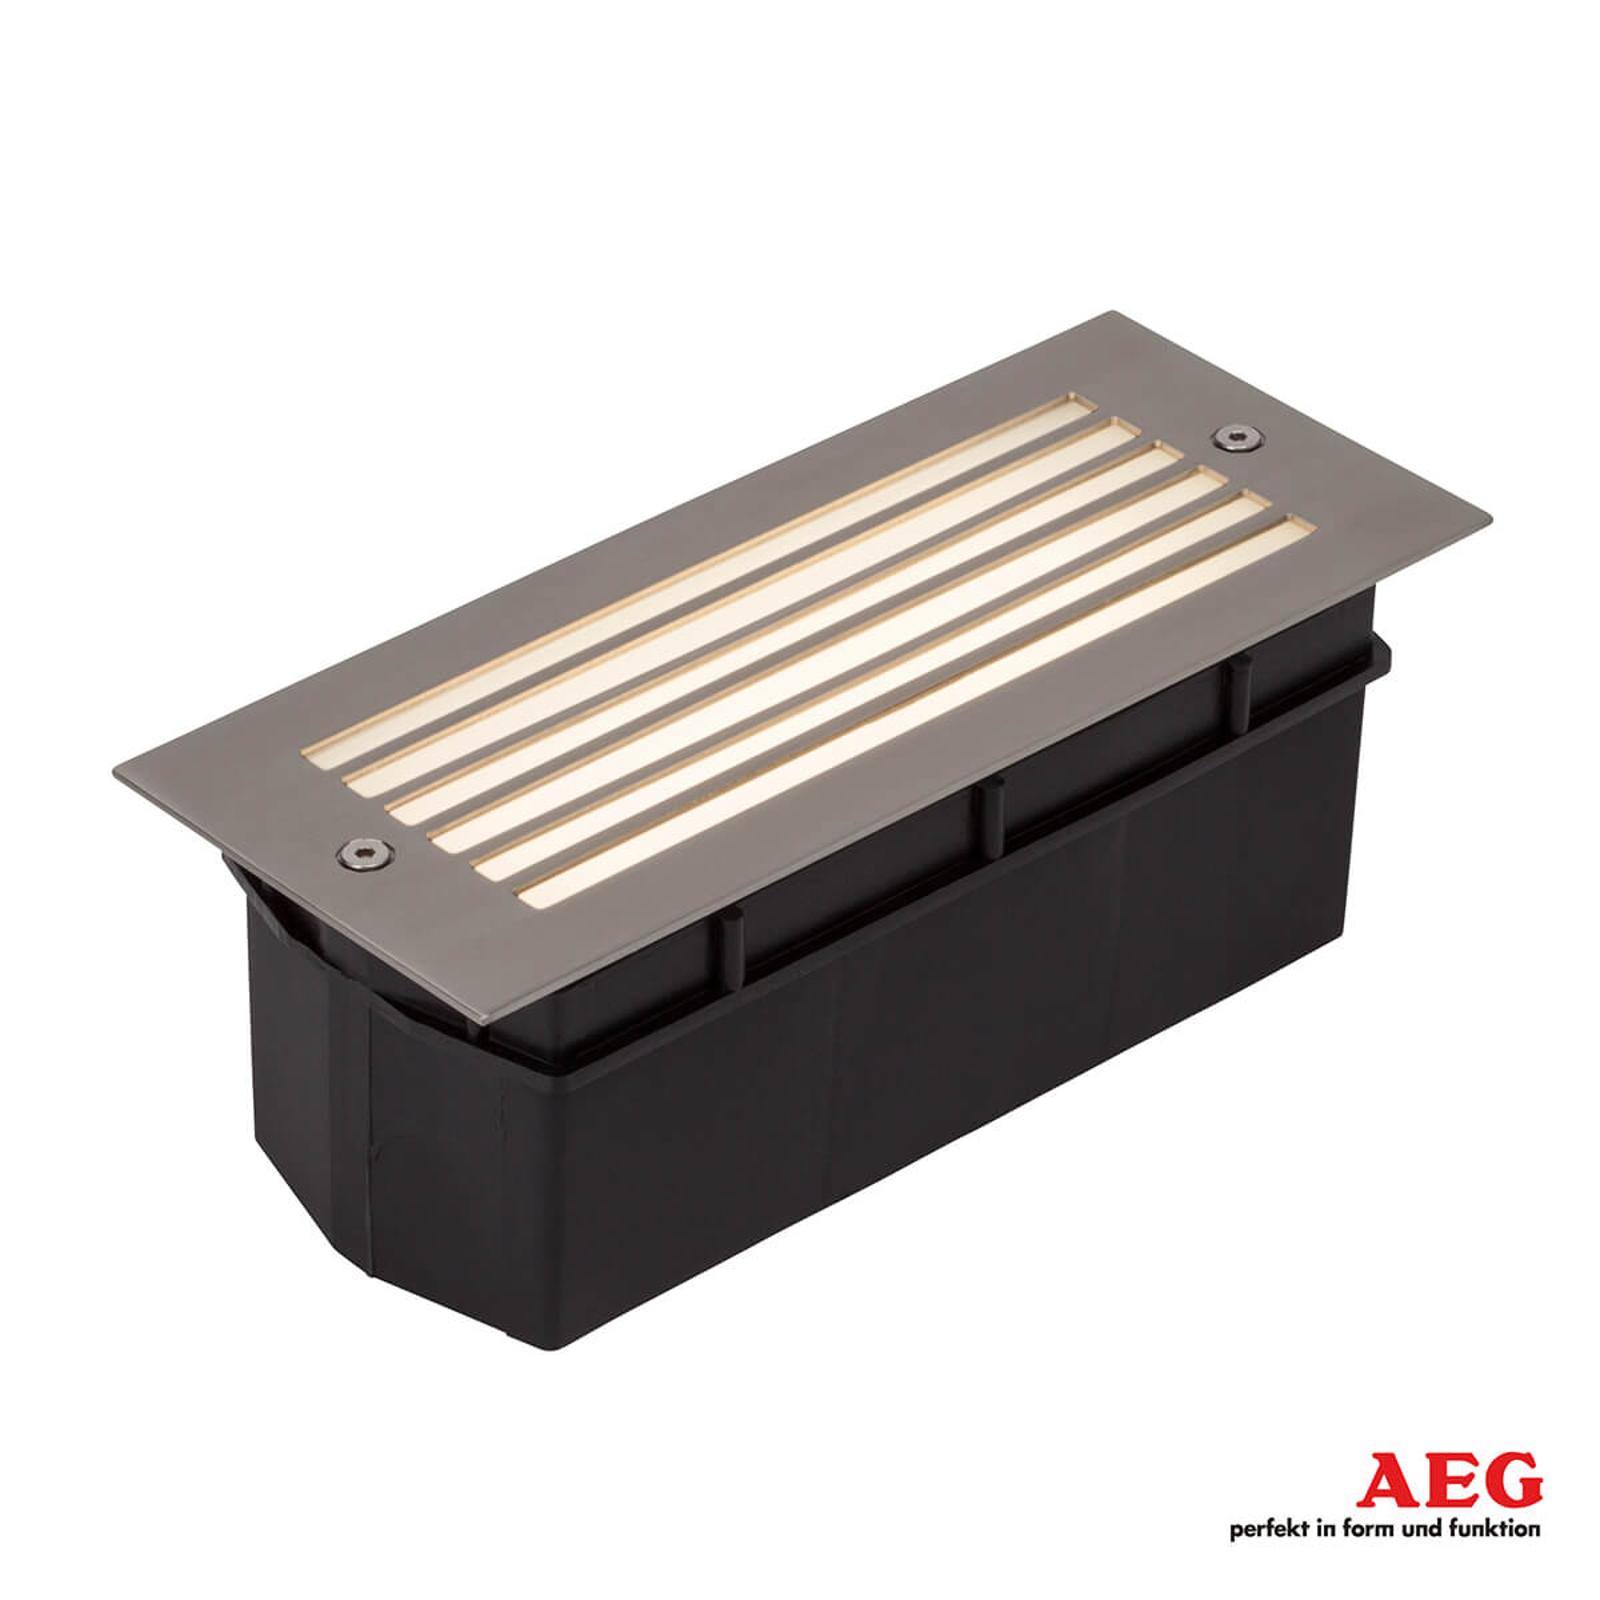 AEG Wall - LED-Wandeinbaulampe für außen m. Raster